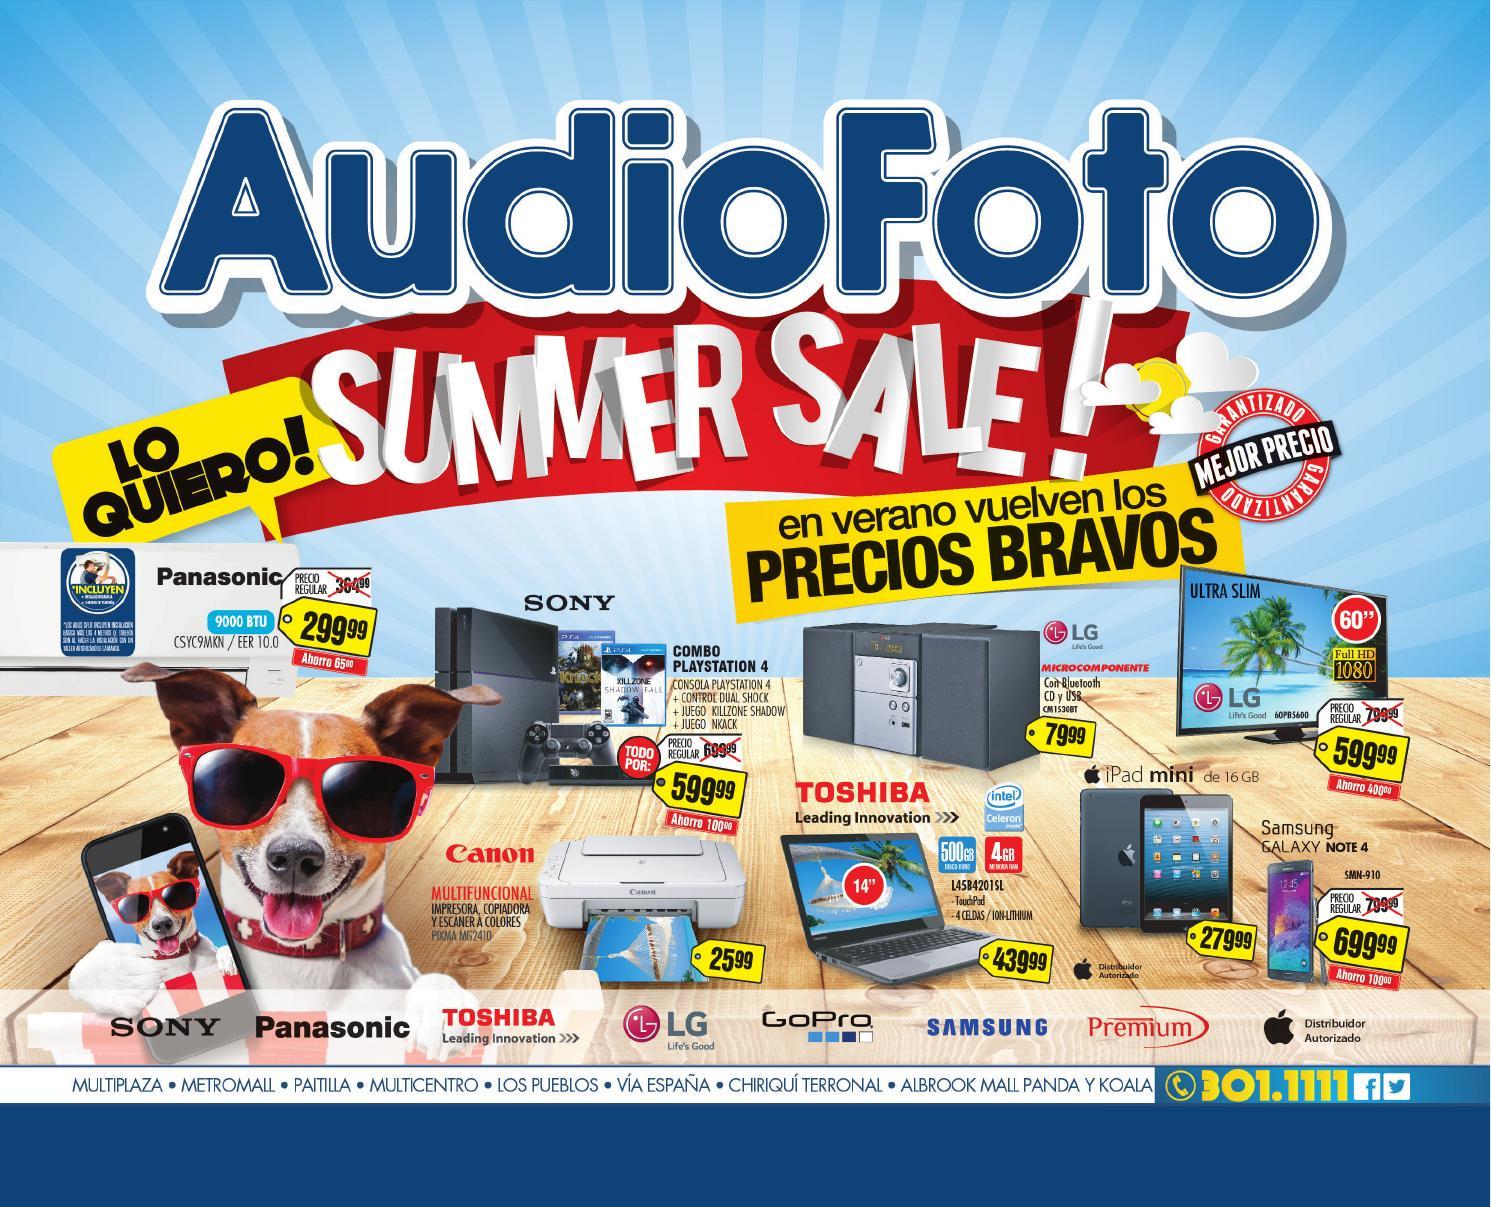 Audiofoto catalogo verano 2015 by audiofoto issuu for Catalogo bricoman 2015